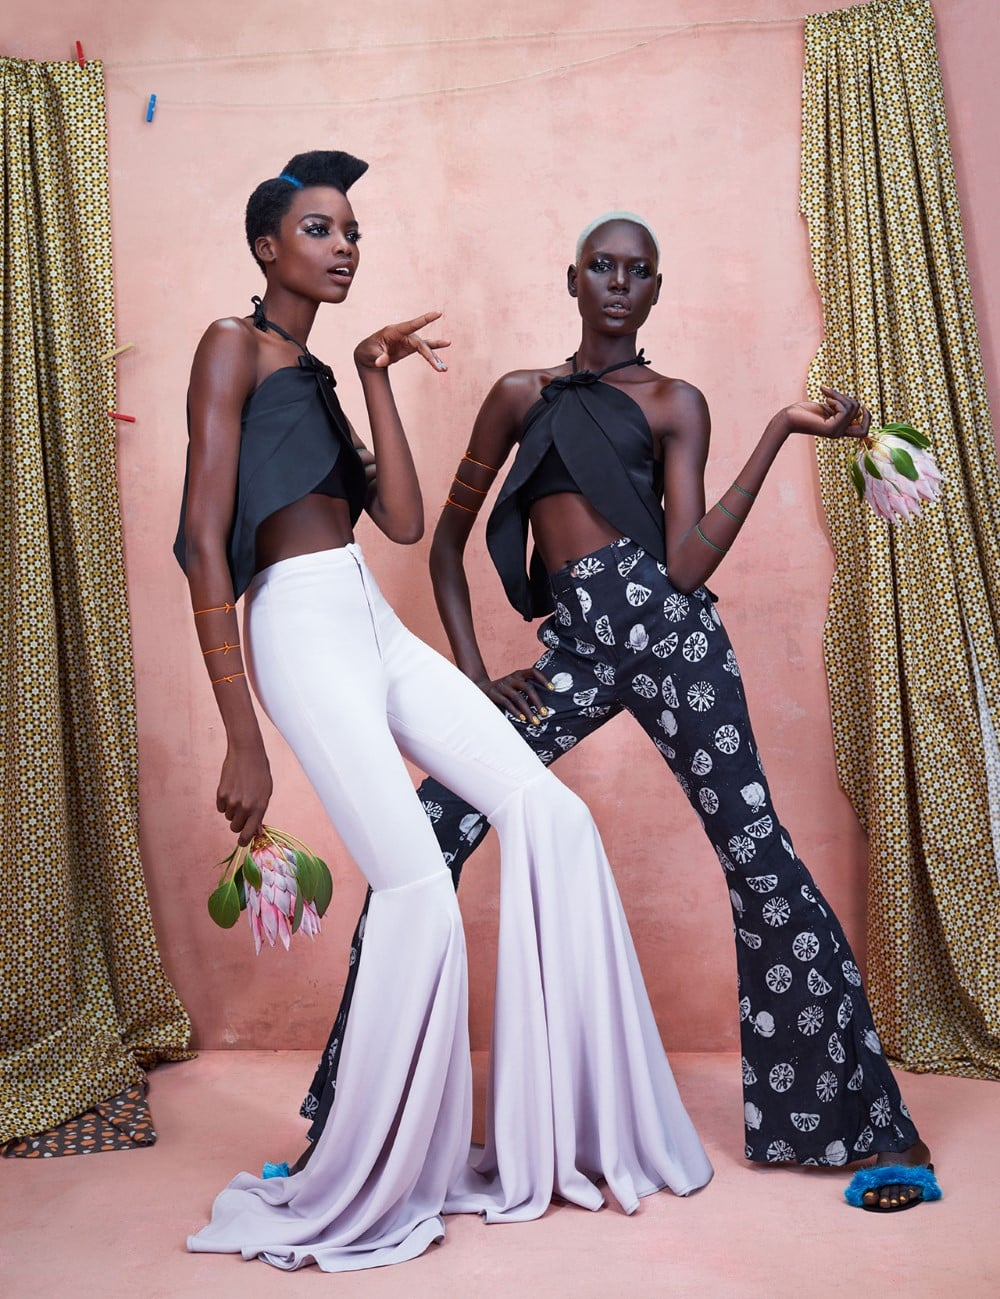 africa-rising-ed-singleton-models- (9).jpg